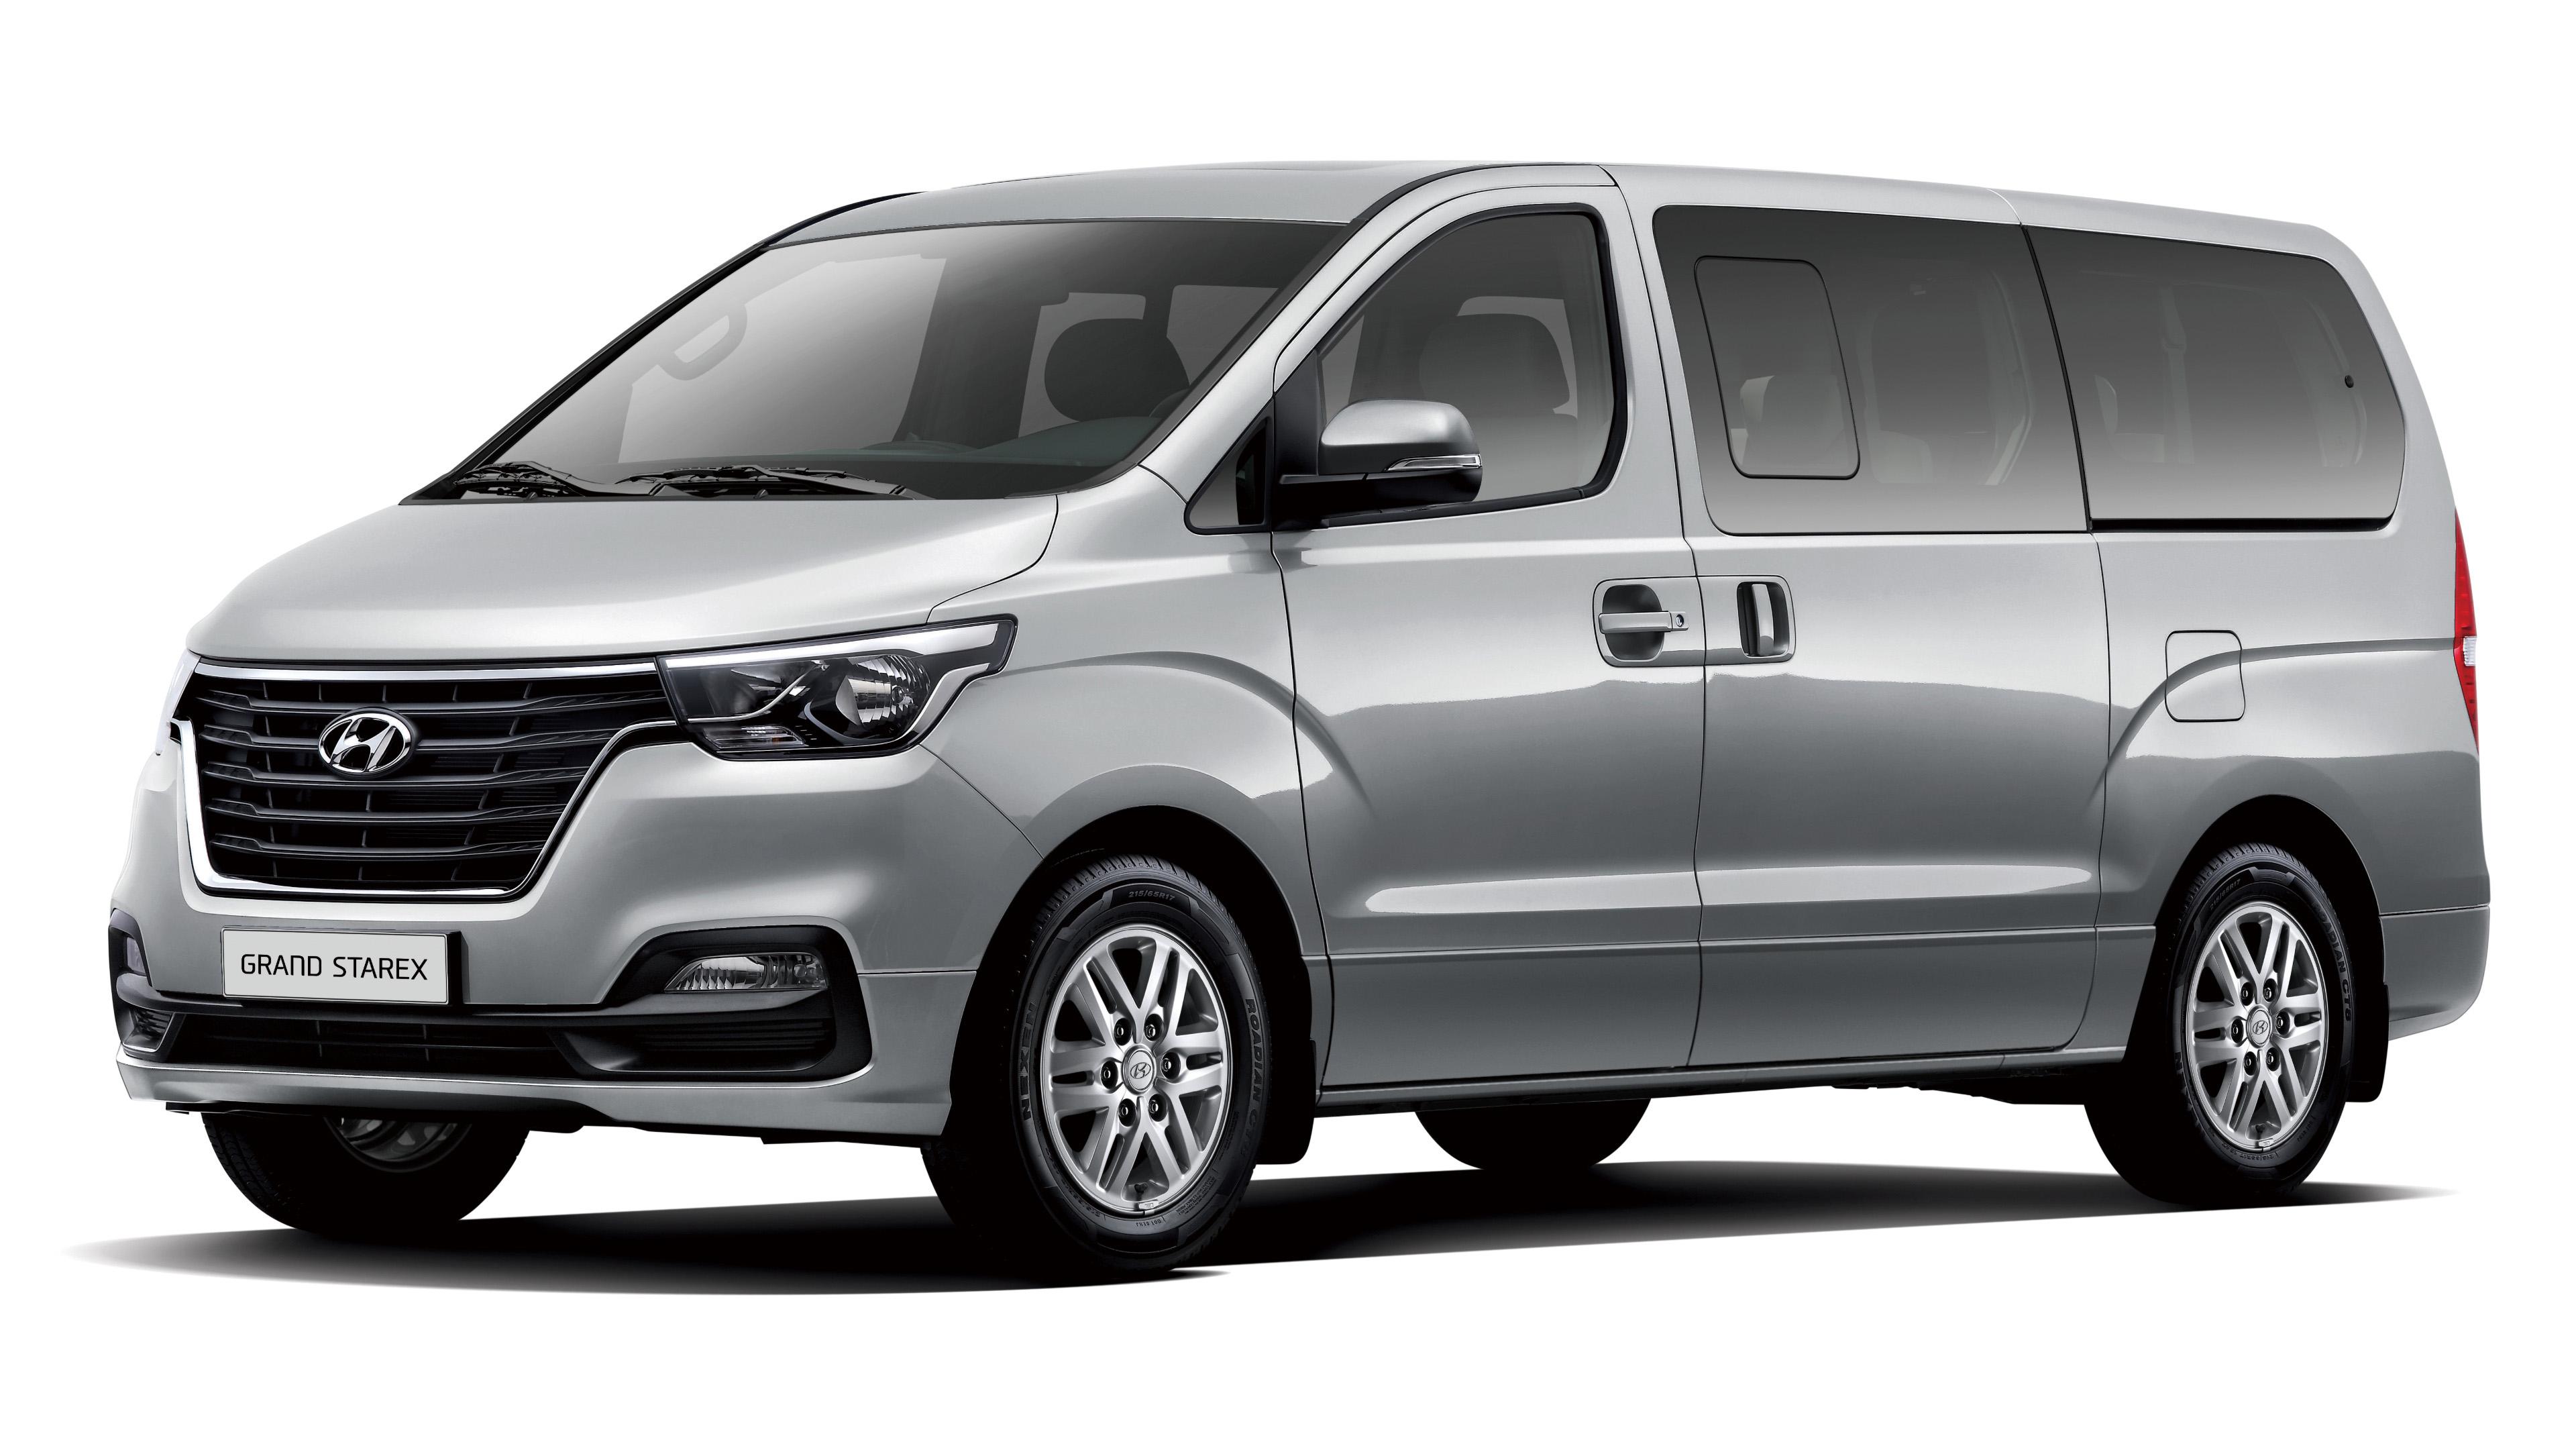 ▲ Hyundai Grand Starex 搭補助 134.8 萬元起 本月加贈 5 萬公里免費定保